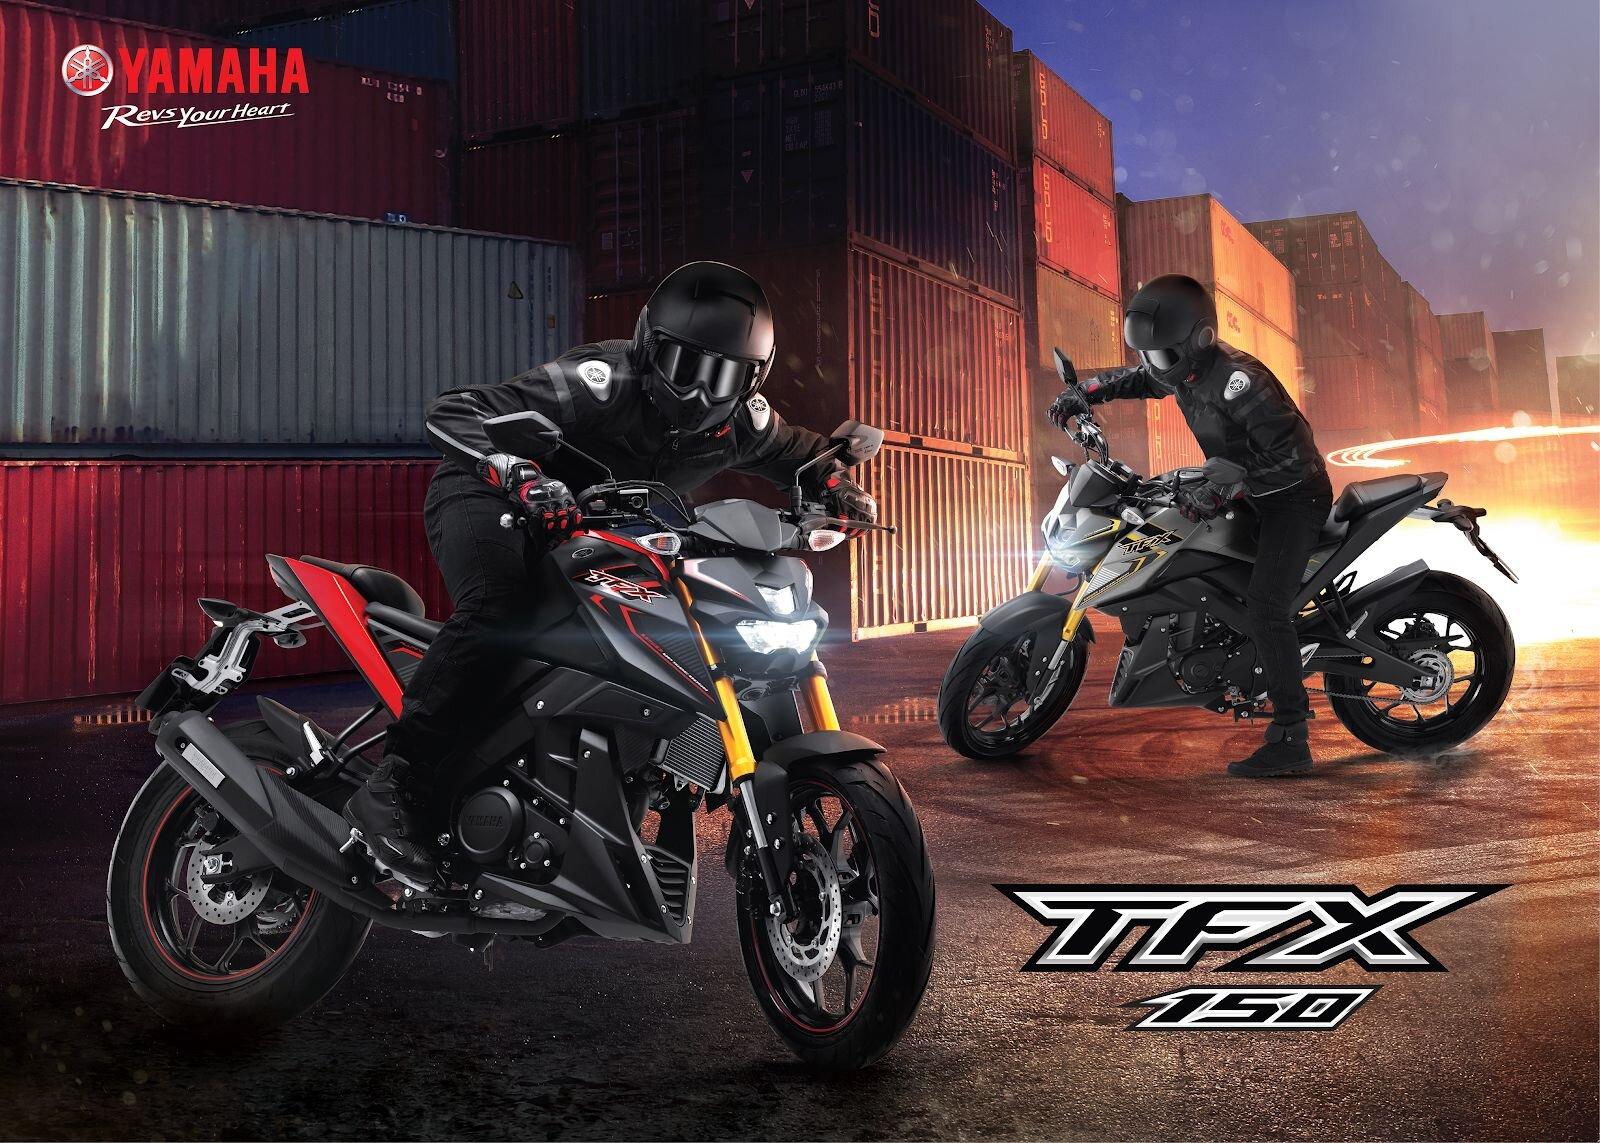 Yamaha TFX 150 phiên bản 2019 sở hữu thiết kế mạnh mẽ, cá tính và năng động